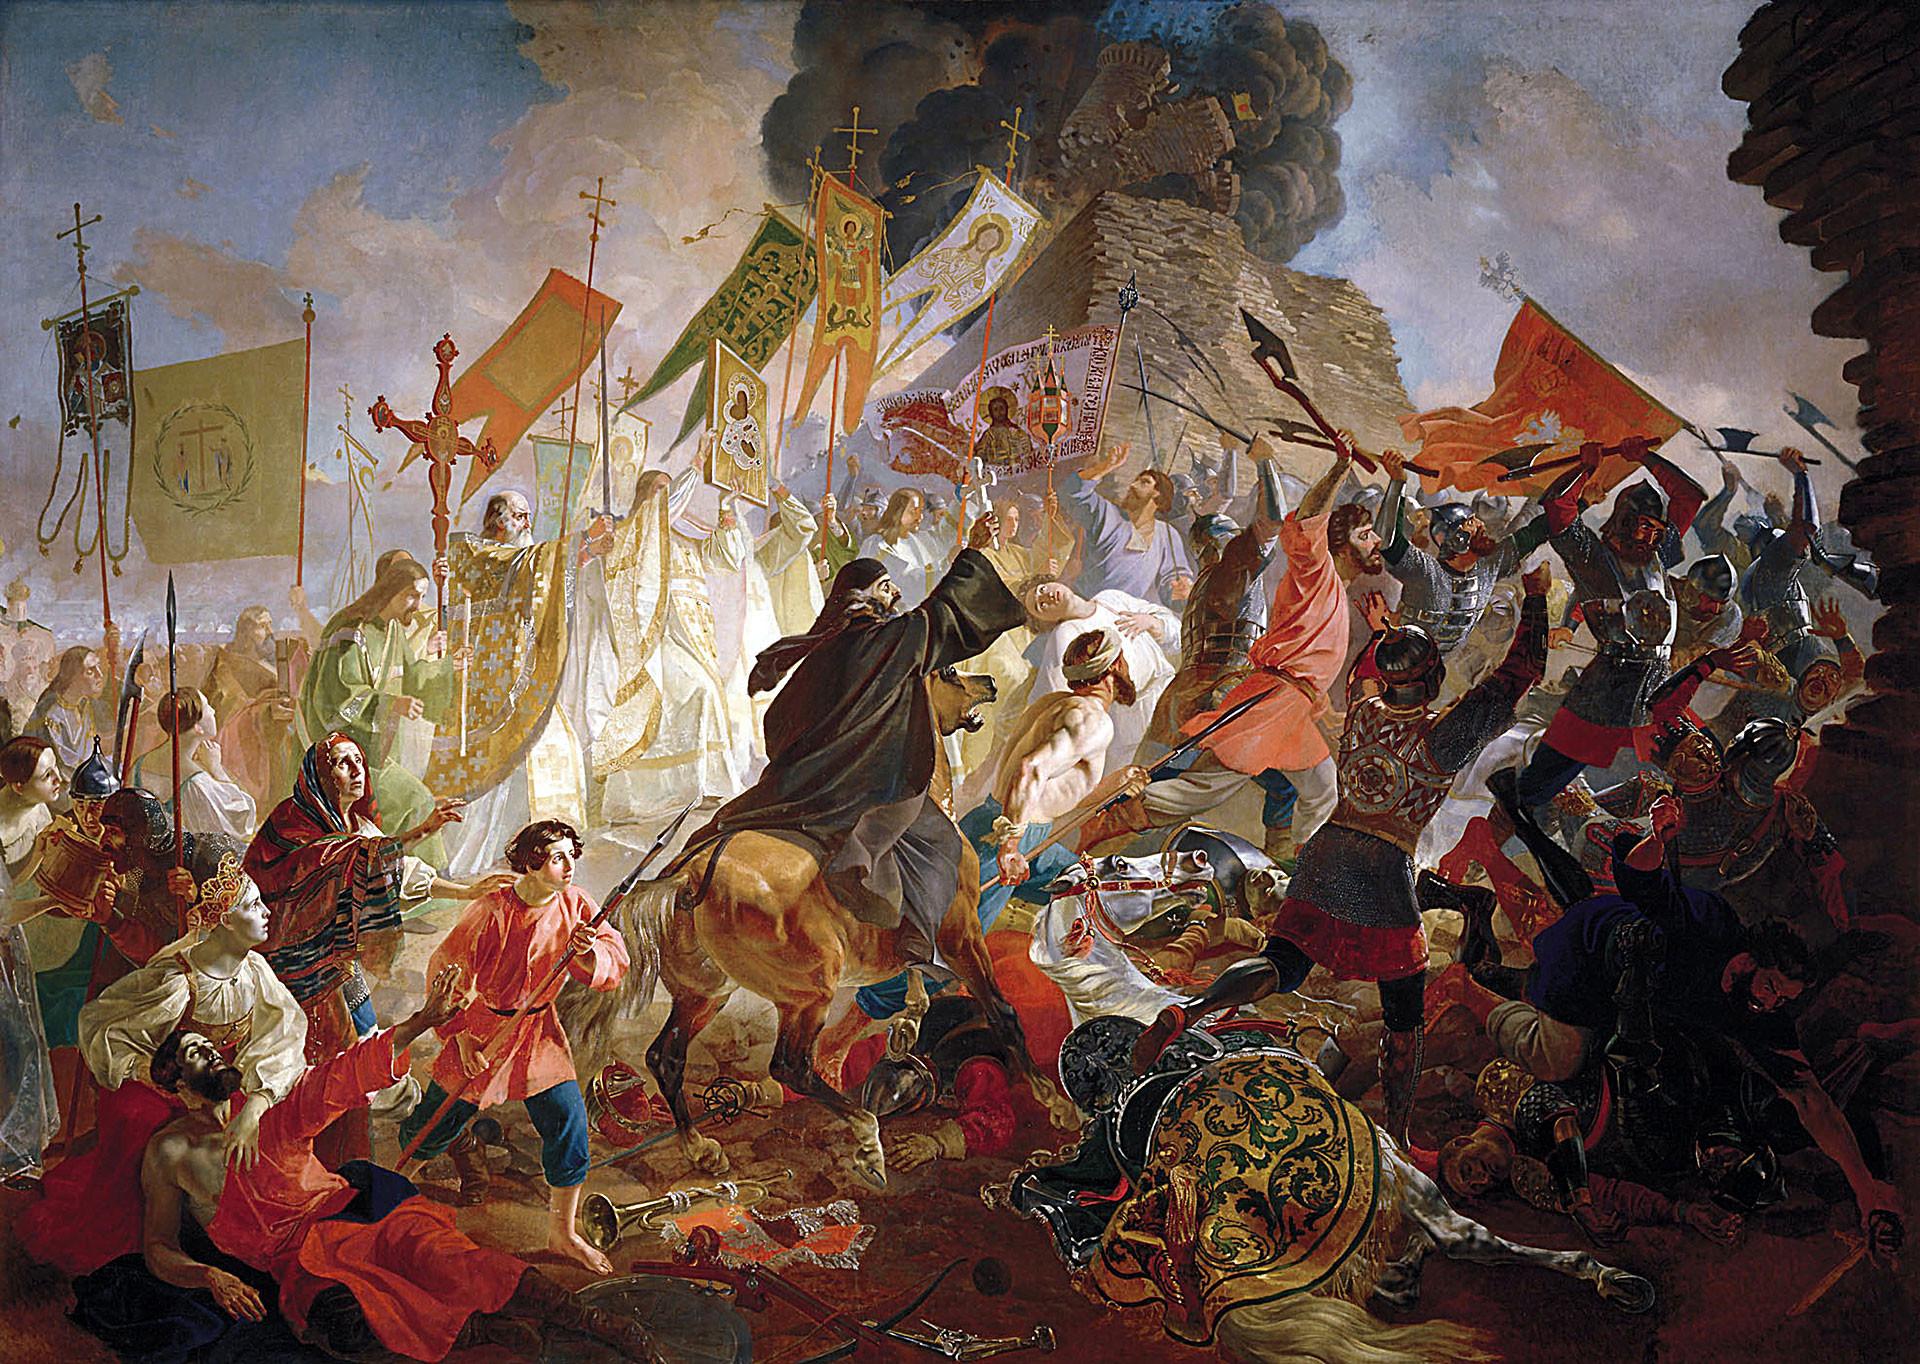 Poljski kralj Štefan Batory osvoji Pskov. Spopad Poljske in Rusije v livonski vojni se je zaključil s podpisom mirovnega sporazuma med kraljem Štefanom in carjem Ivanom IV.